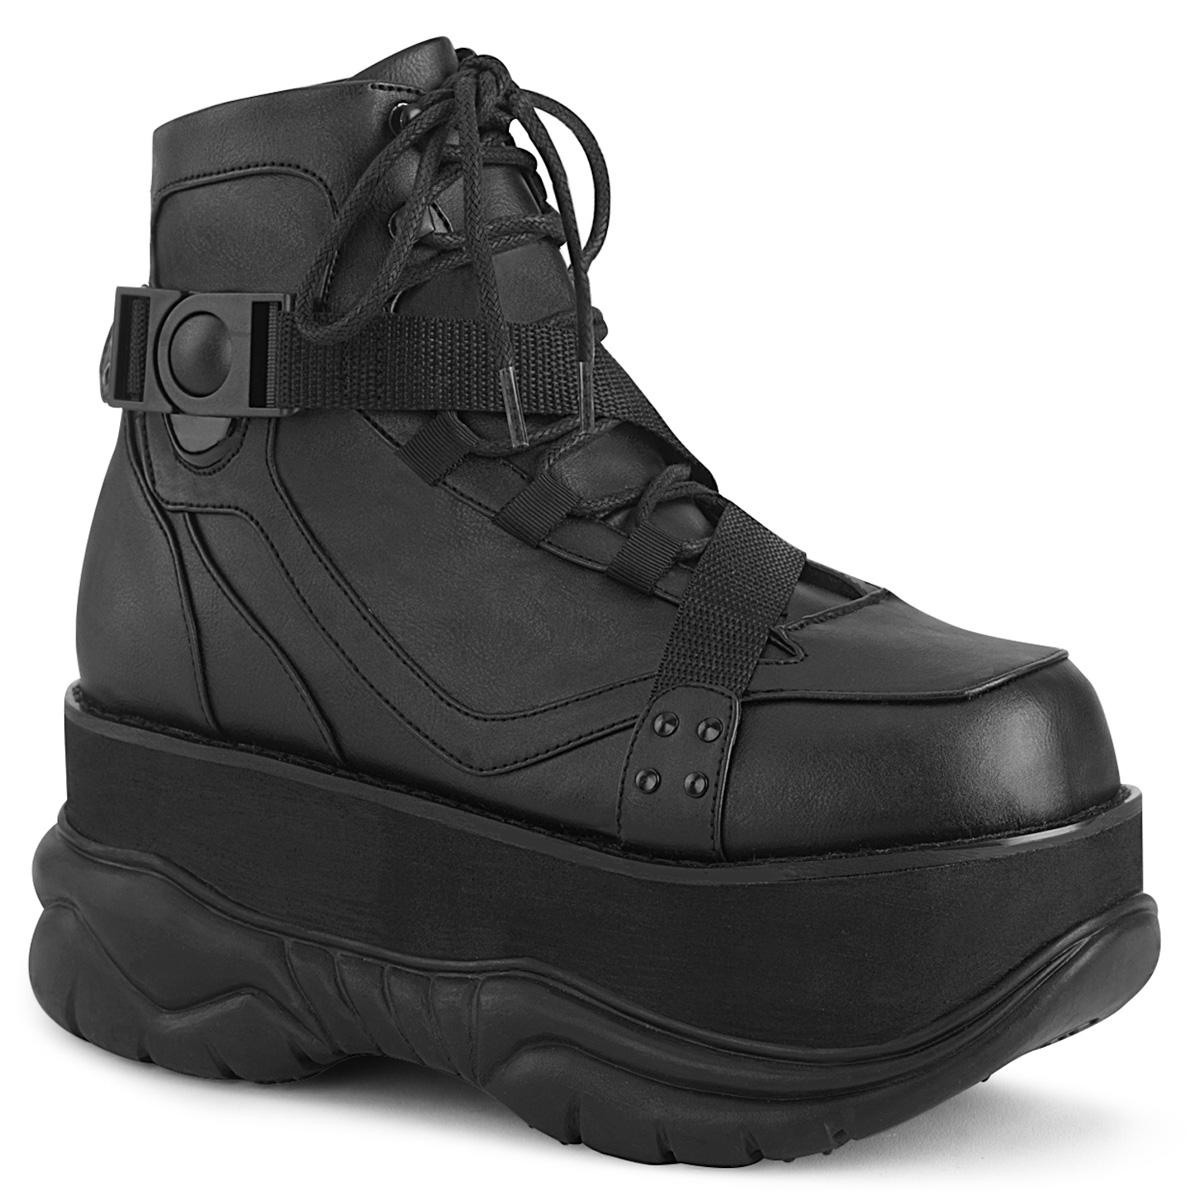 Demonia(デモニア) NEPTUNE-181 厚底スニーカー つや消し黒 モードパンク サイバーパンク #Men's/Unisex◆取り寄せ